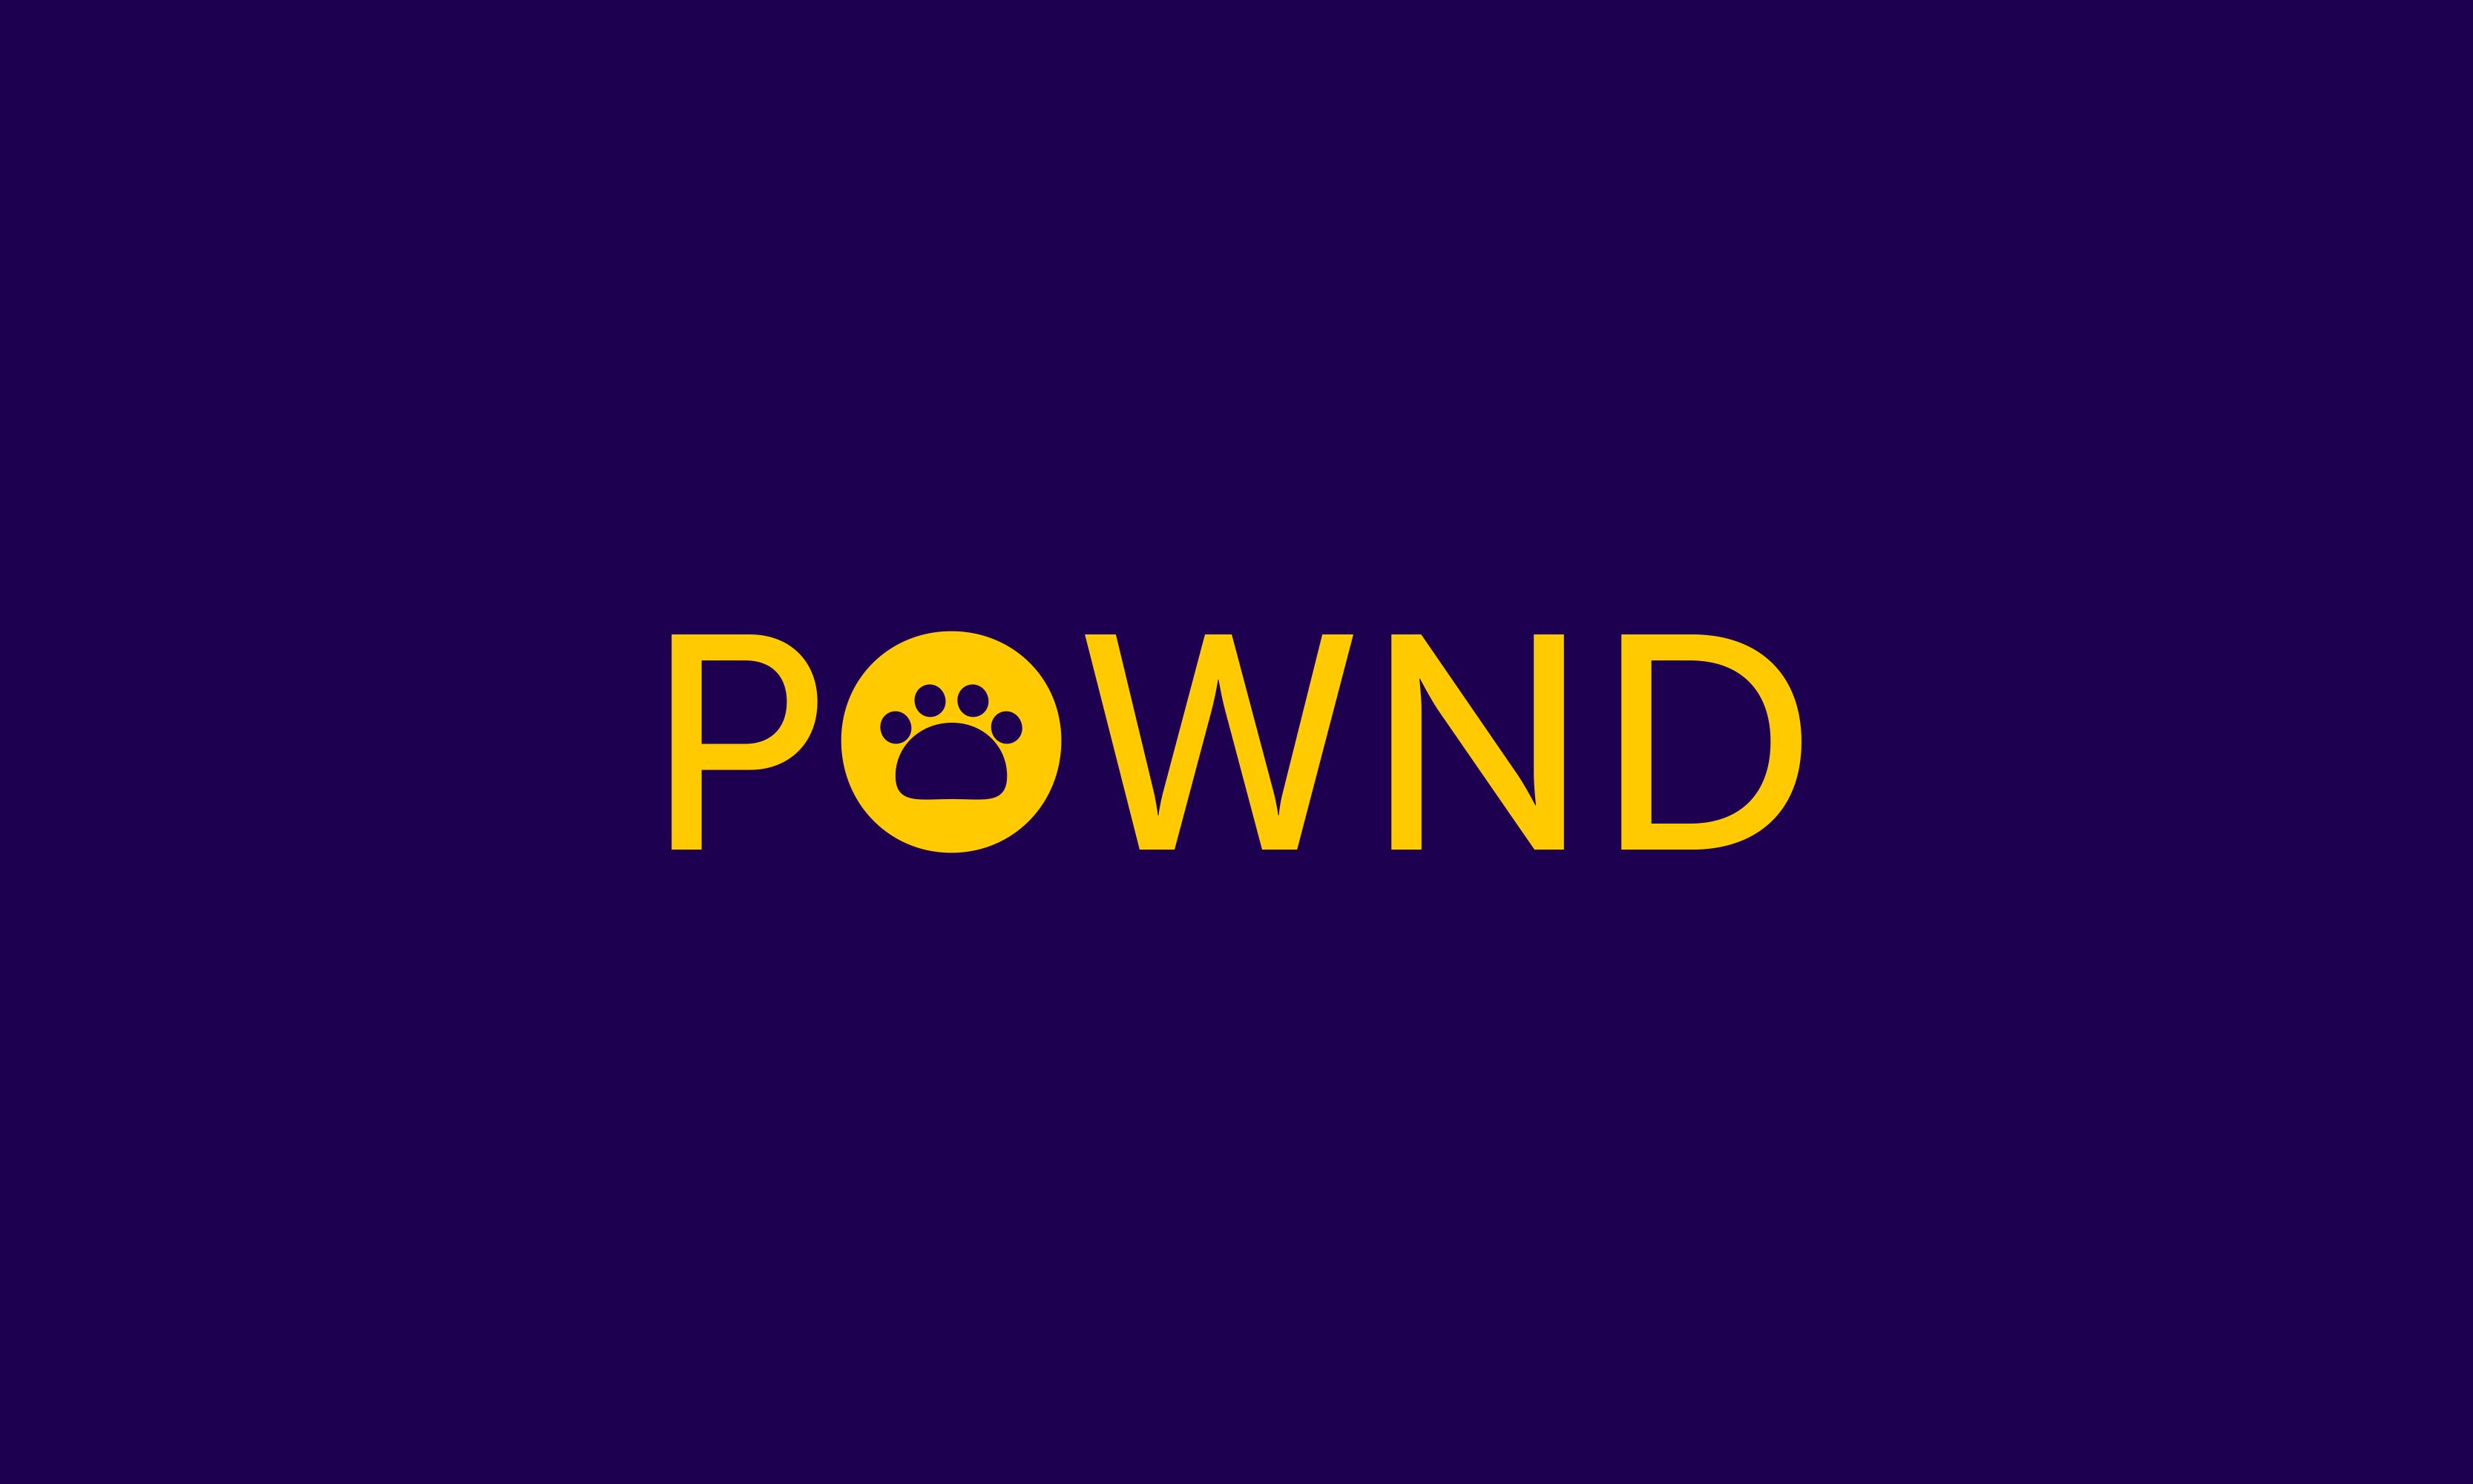 Pownd